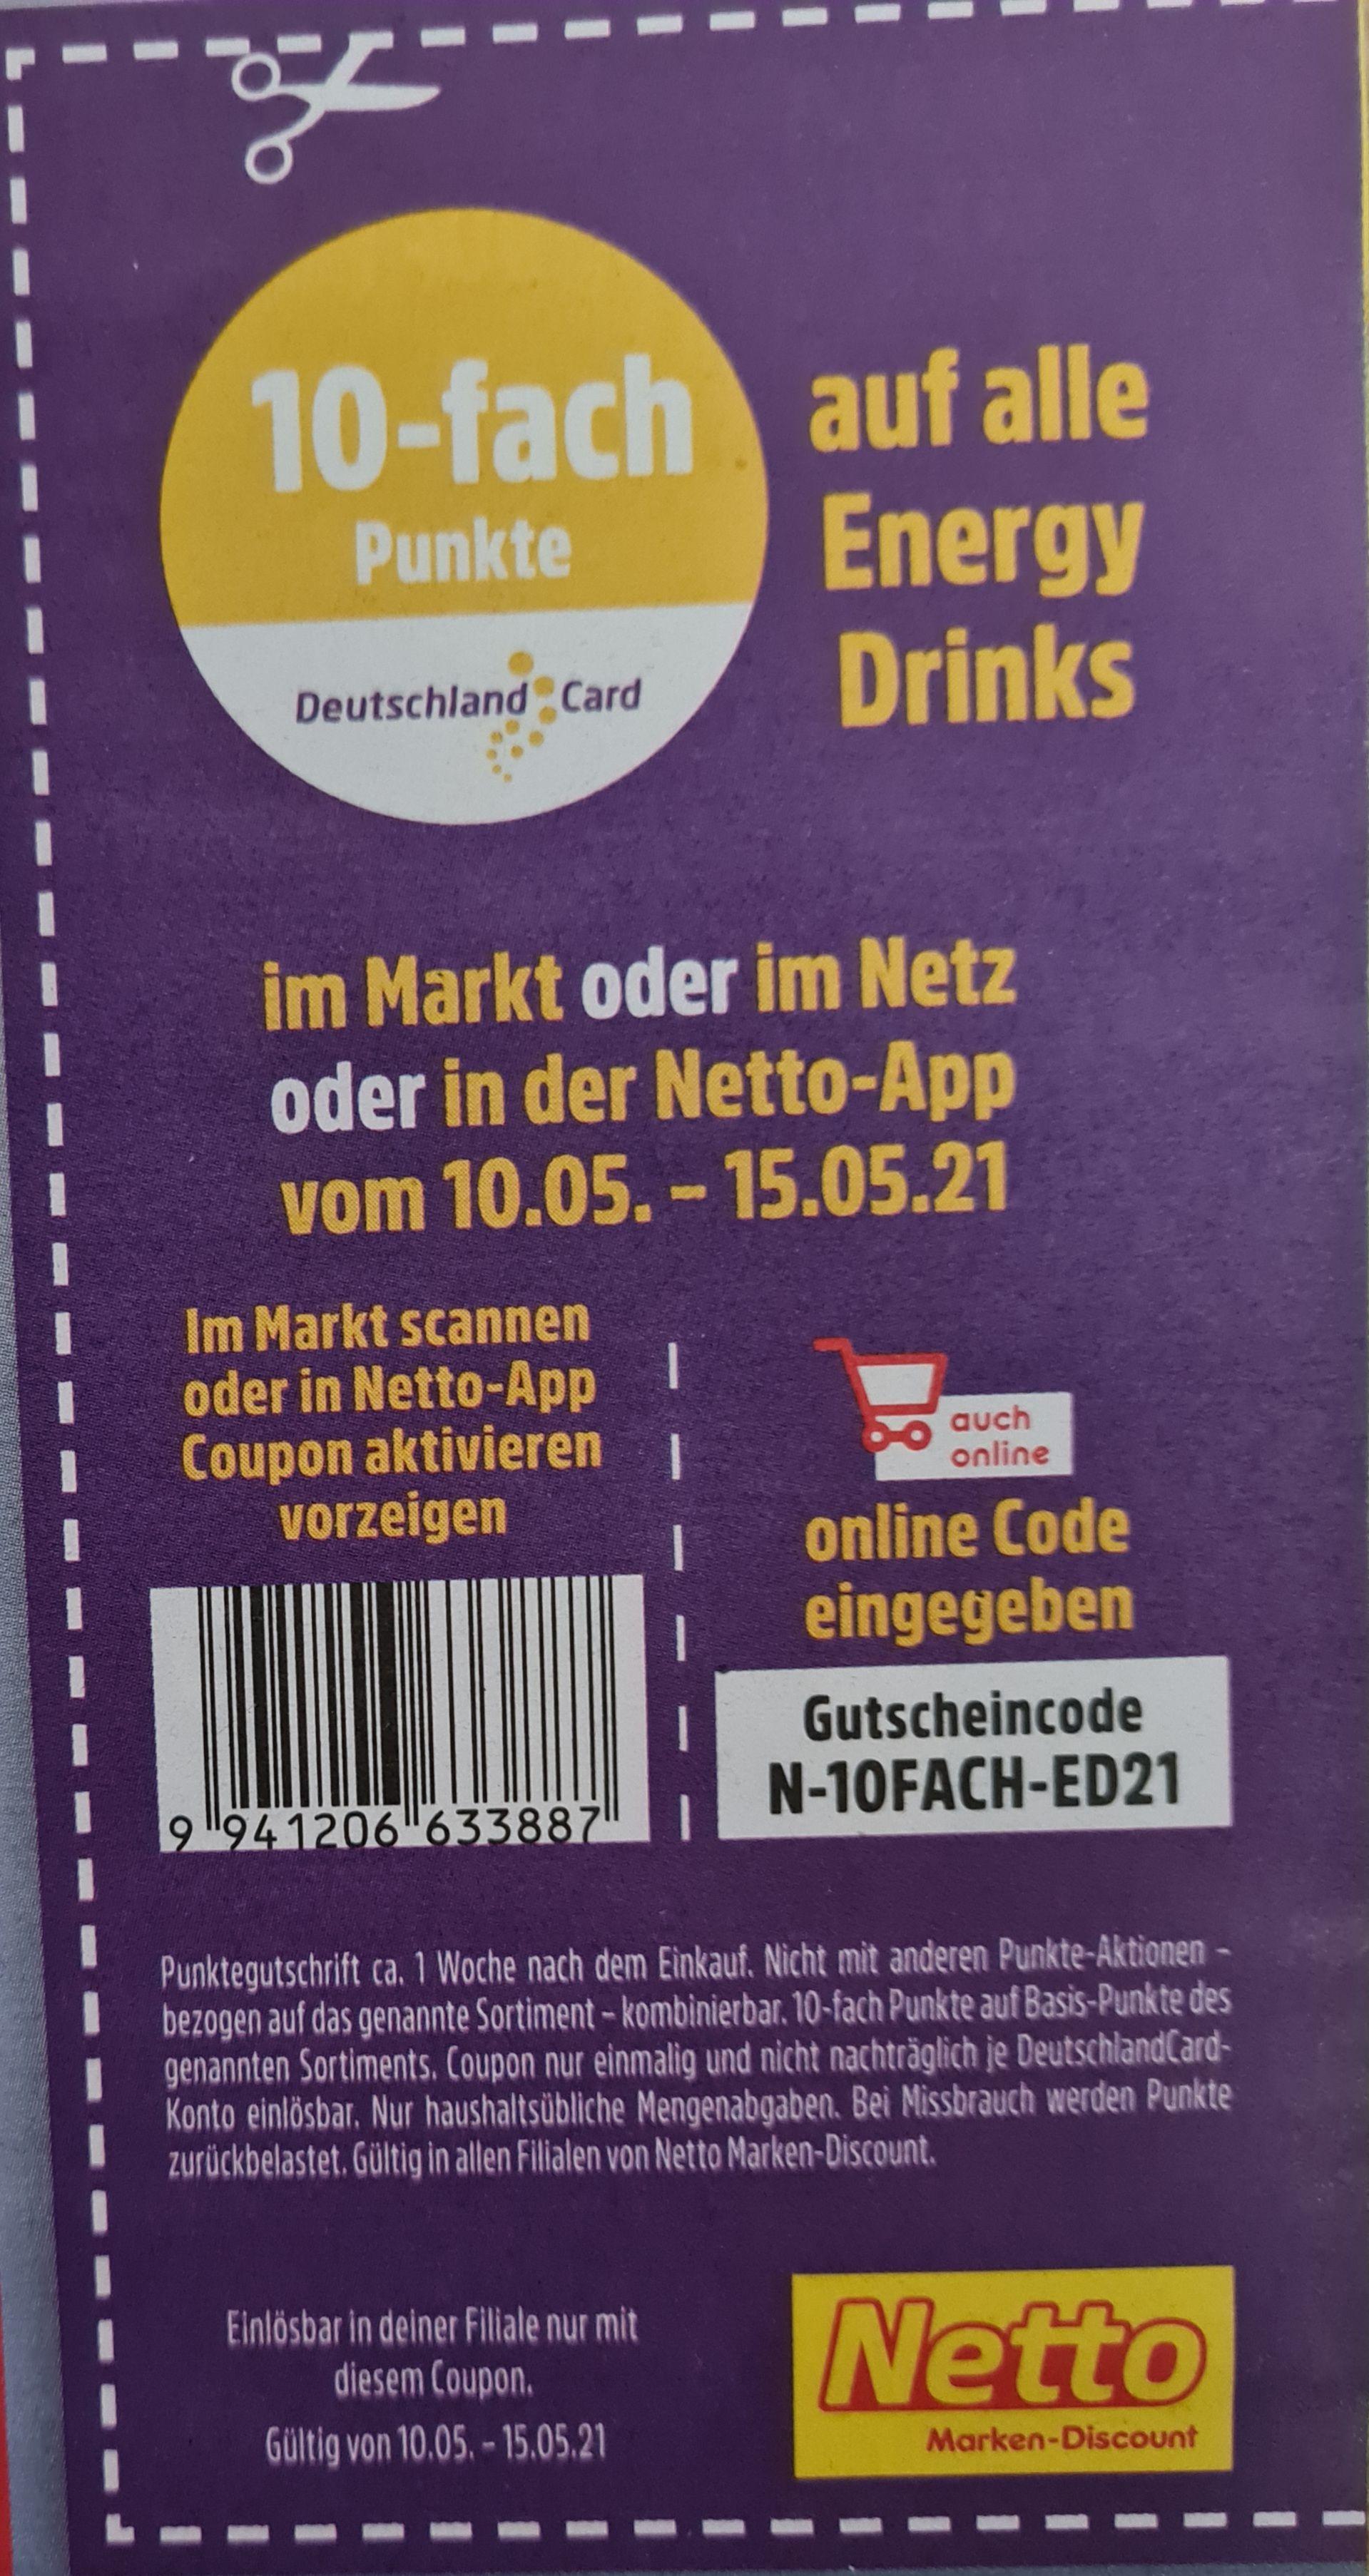 Netto MD 10-fach Punkte auf alle Energy Drinks im Markt, Online oder Netto-App 10.05-15.05